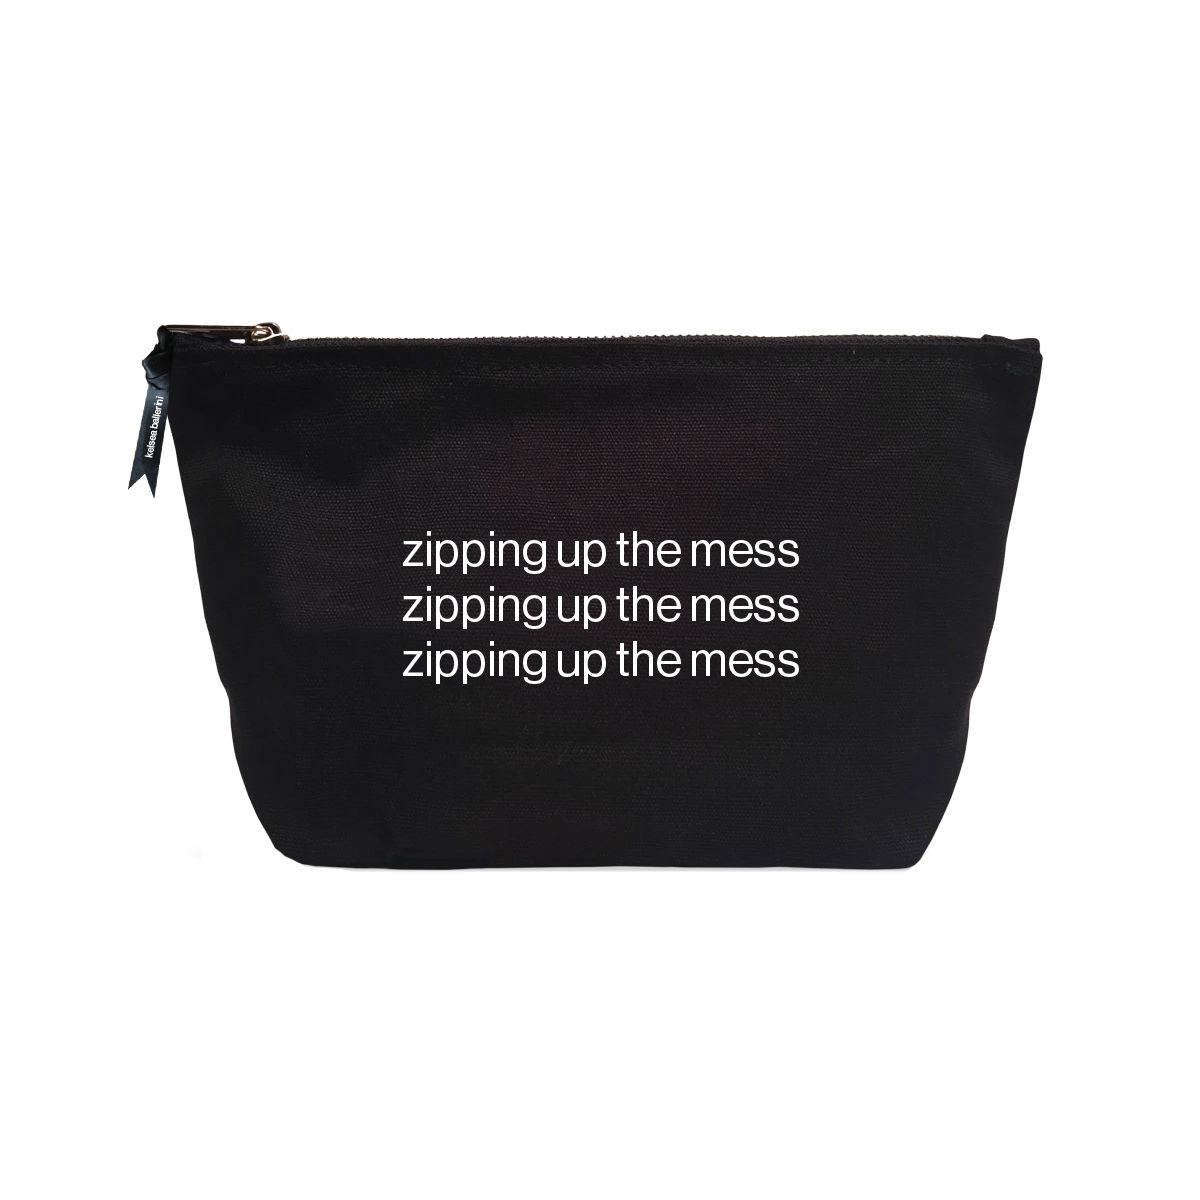 Zipping Up The Mess Makeup Bag + Digital Download